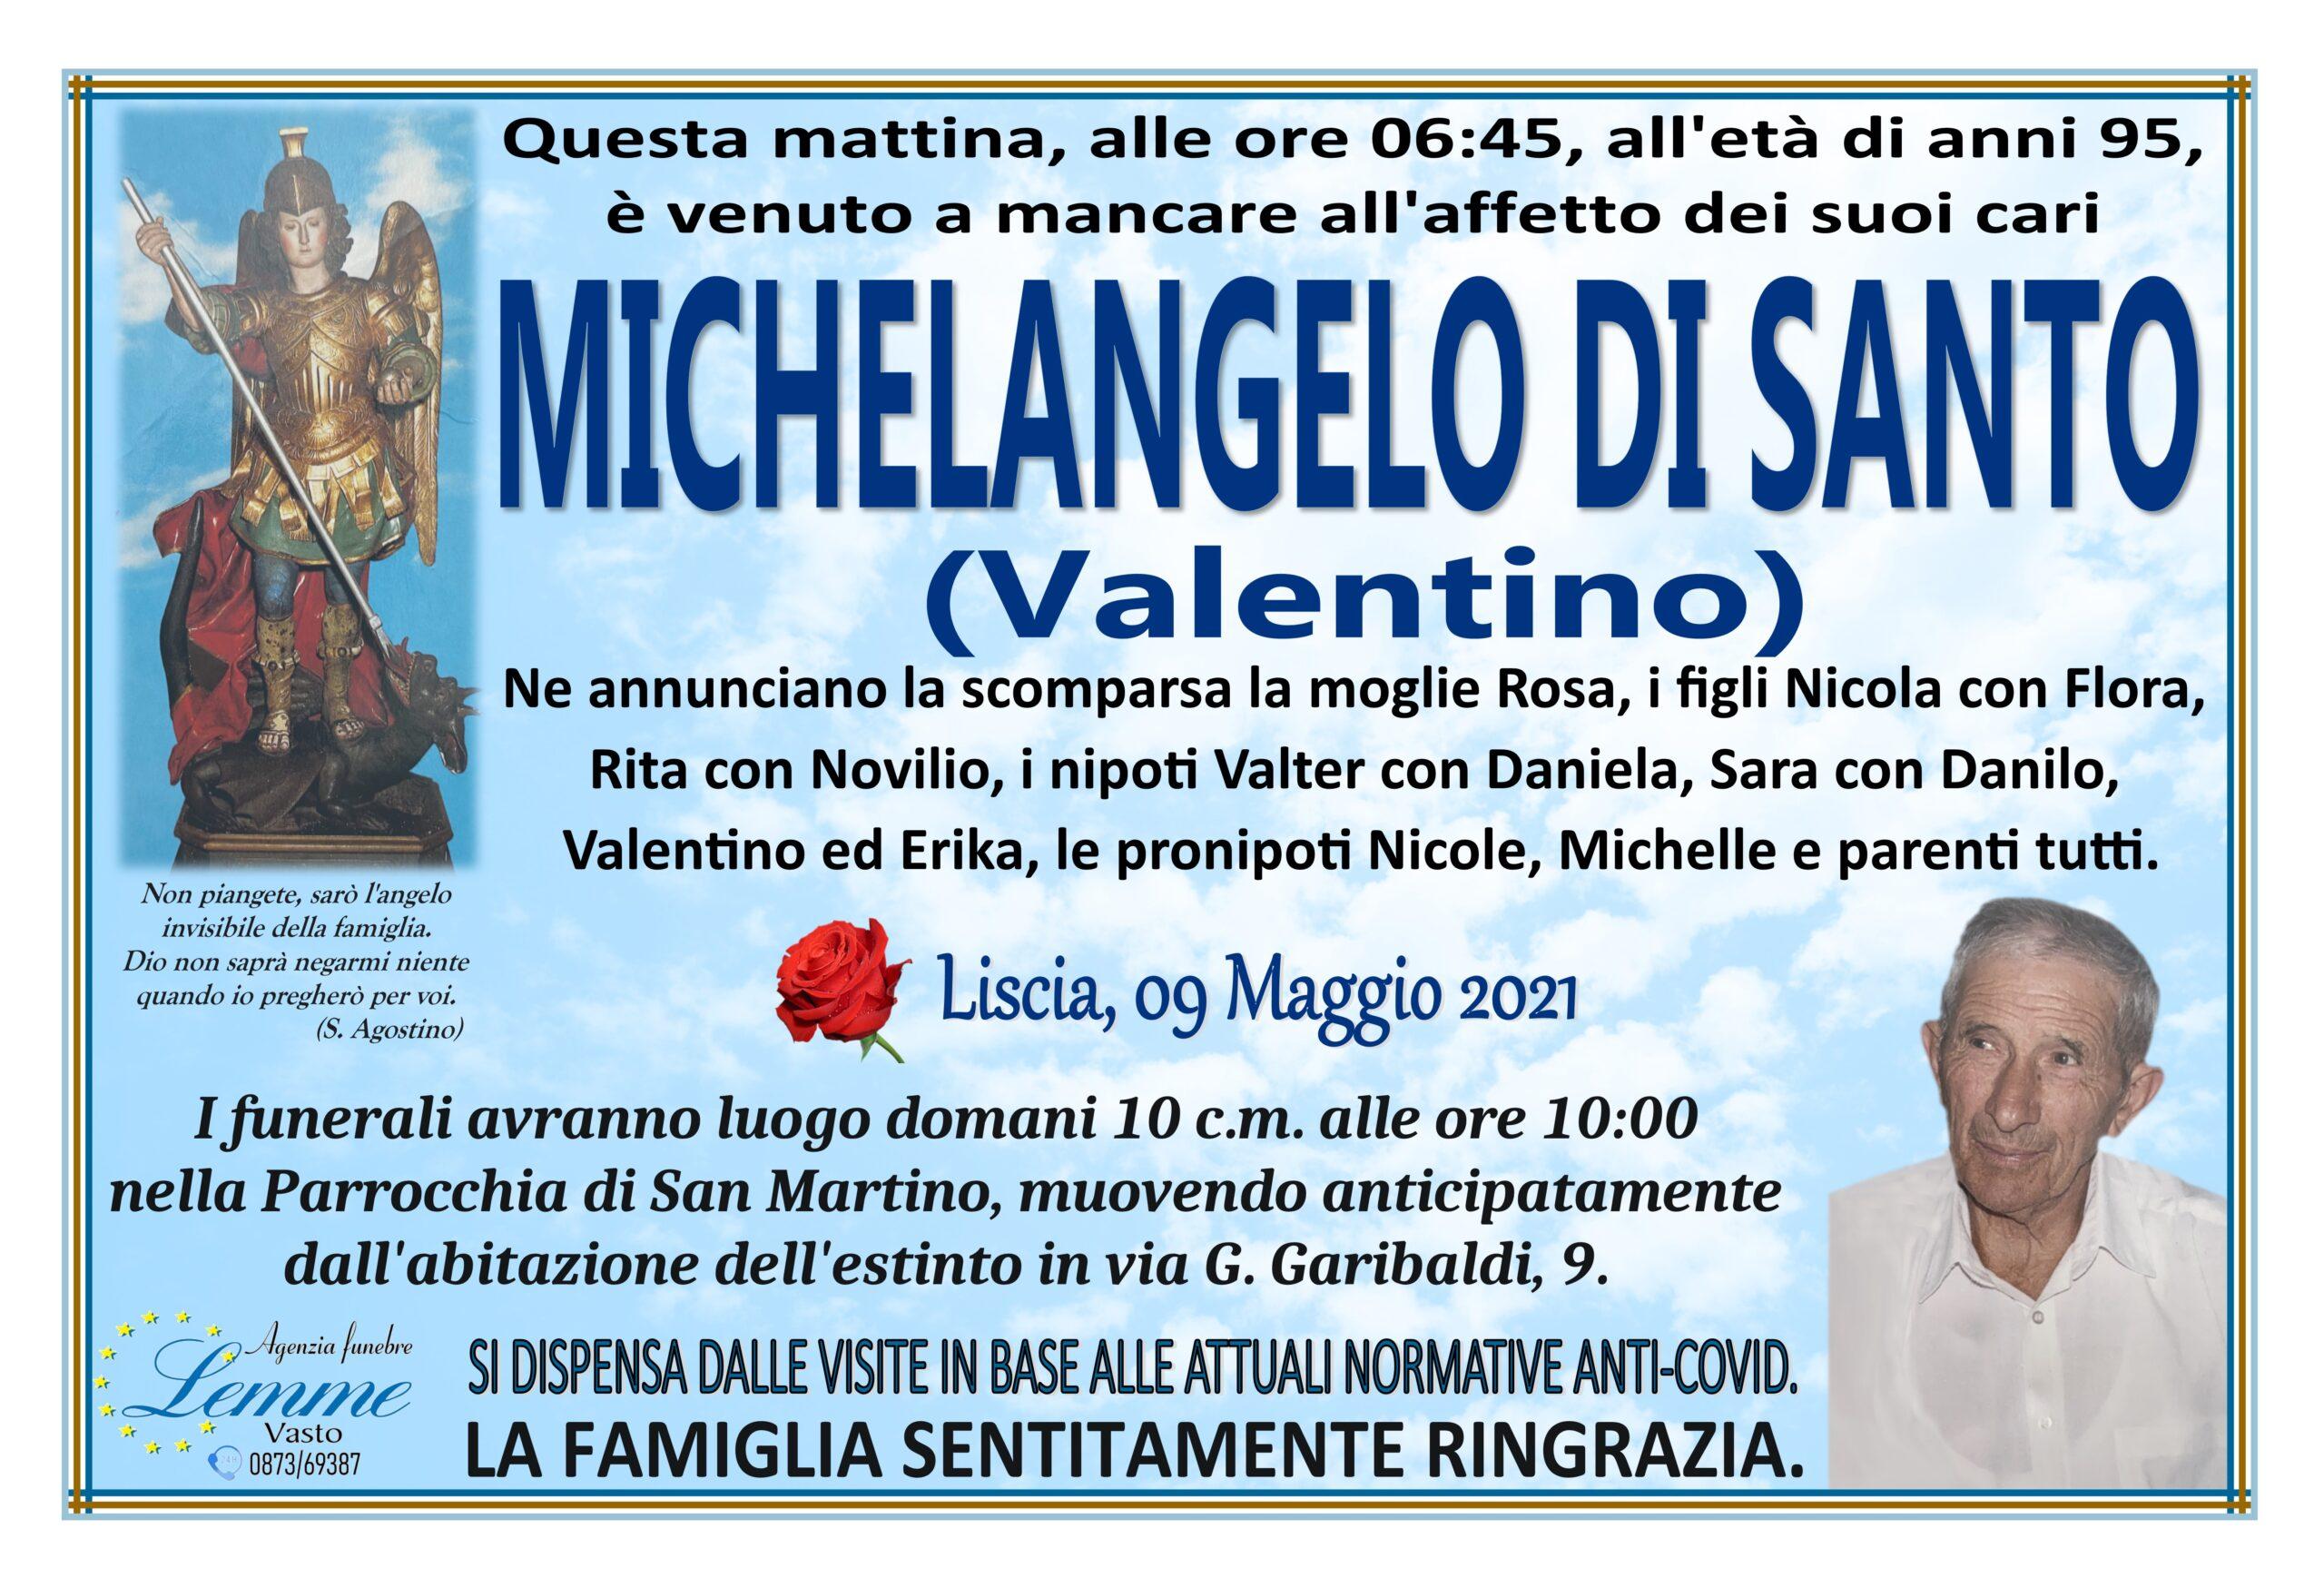 MICHELANGELO DI SANTO